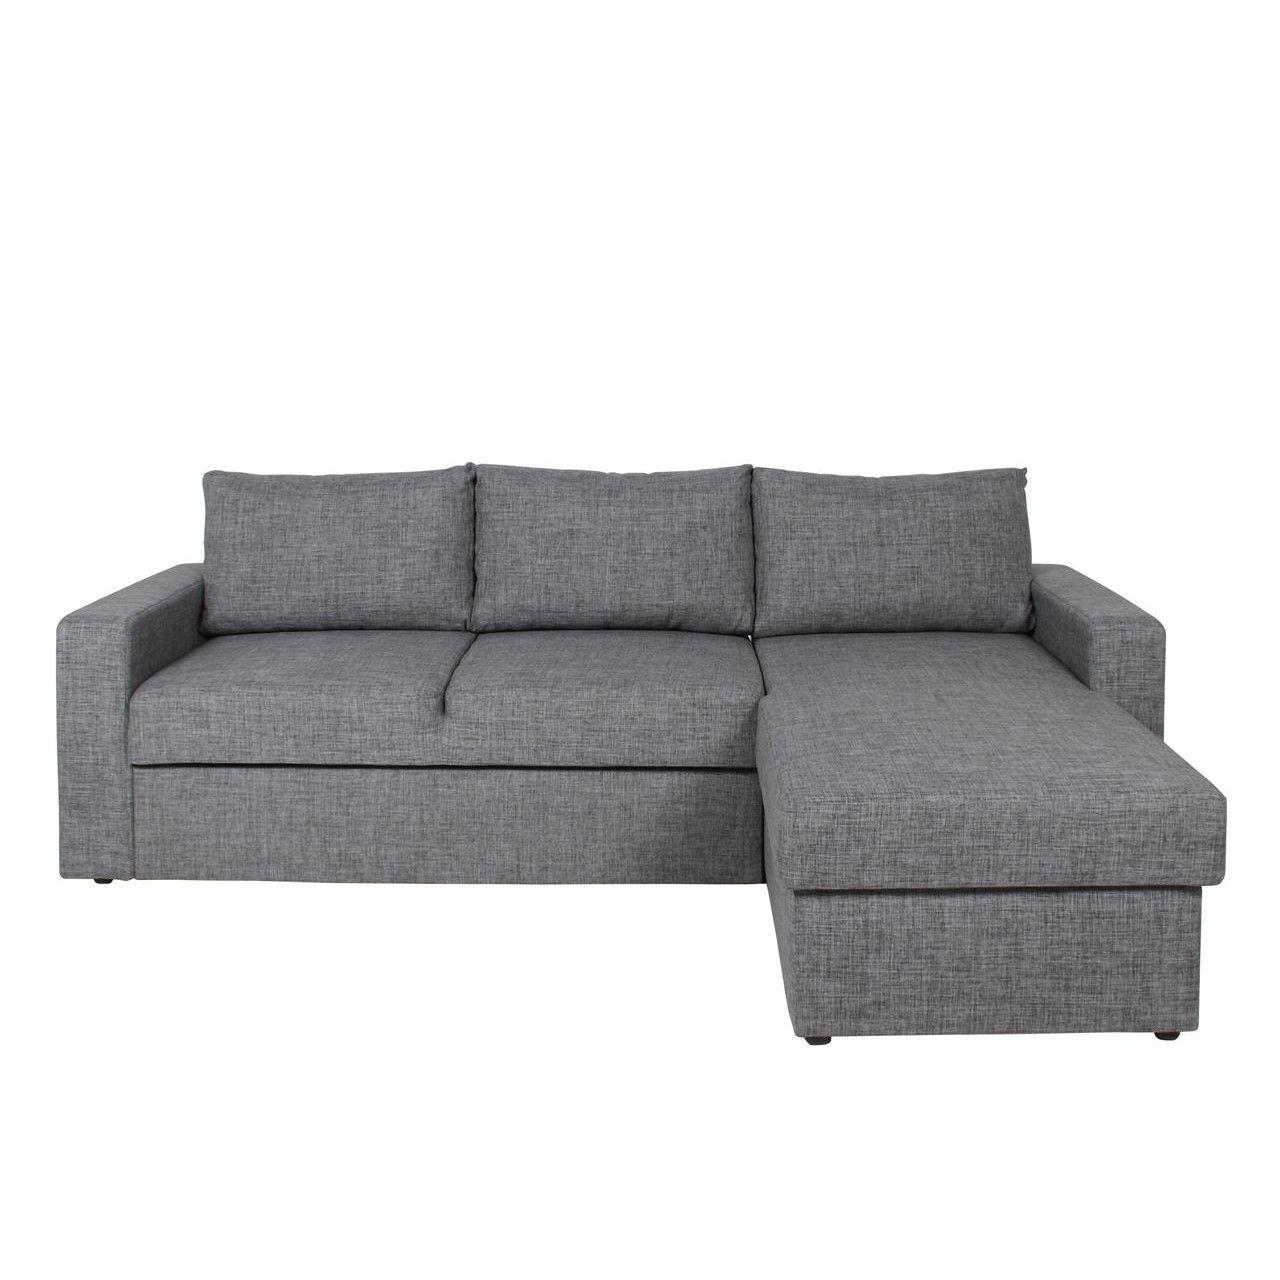 Fjørde & Co Bermuda 4 Seater Corner Sofa Bed Corner sofa